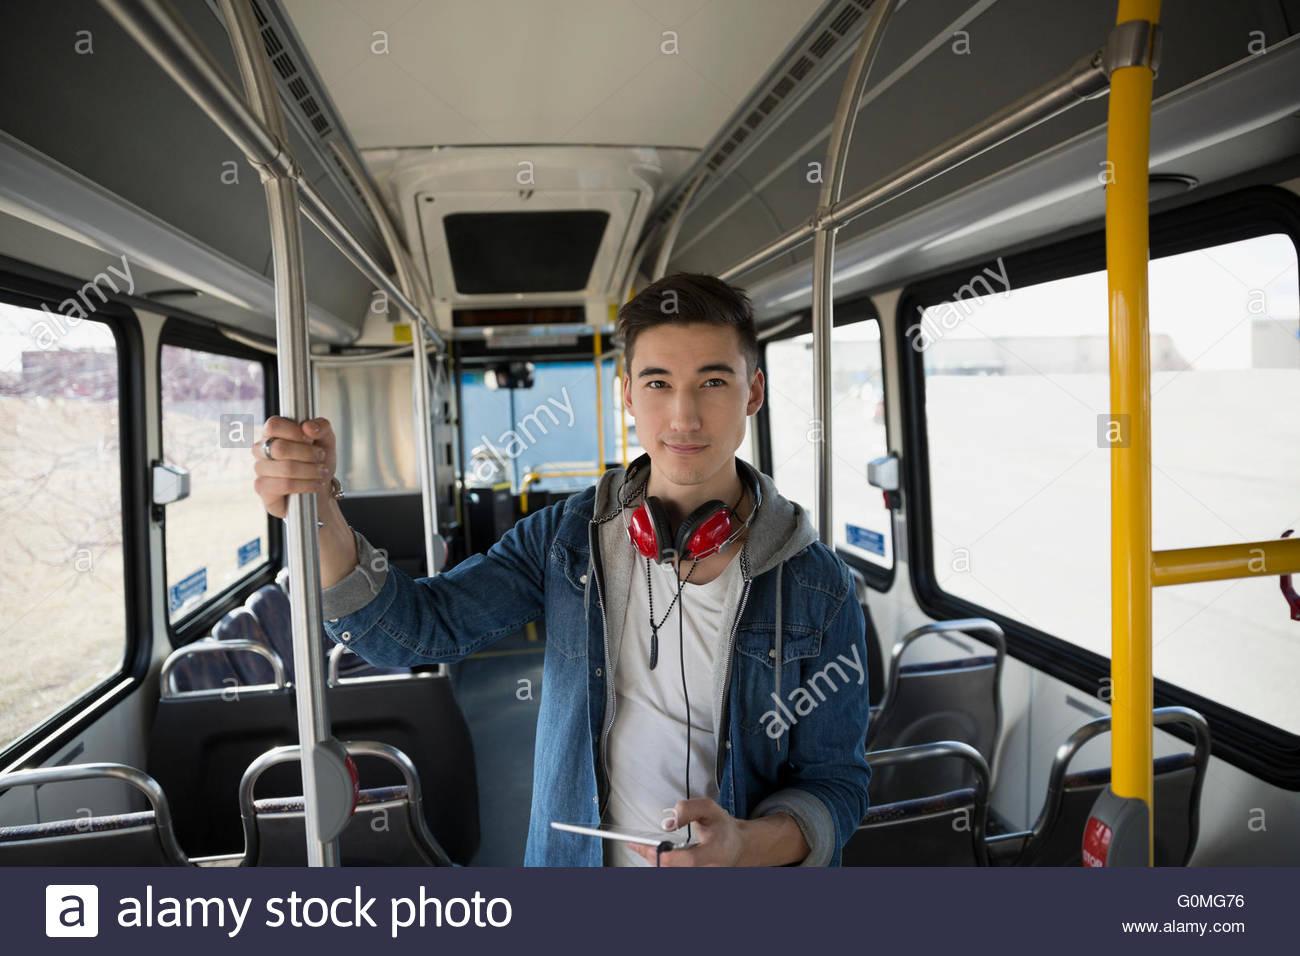 Portrait confident young man headphones digital tablet bus - Stock Image